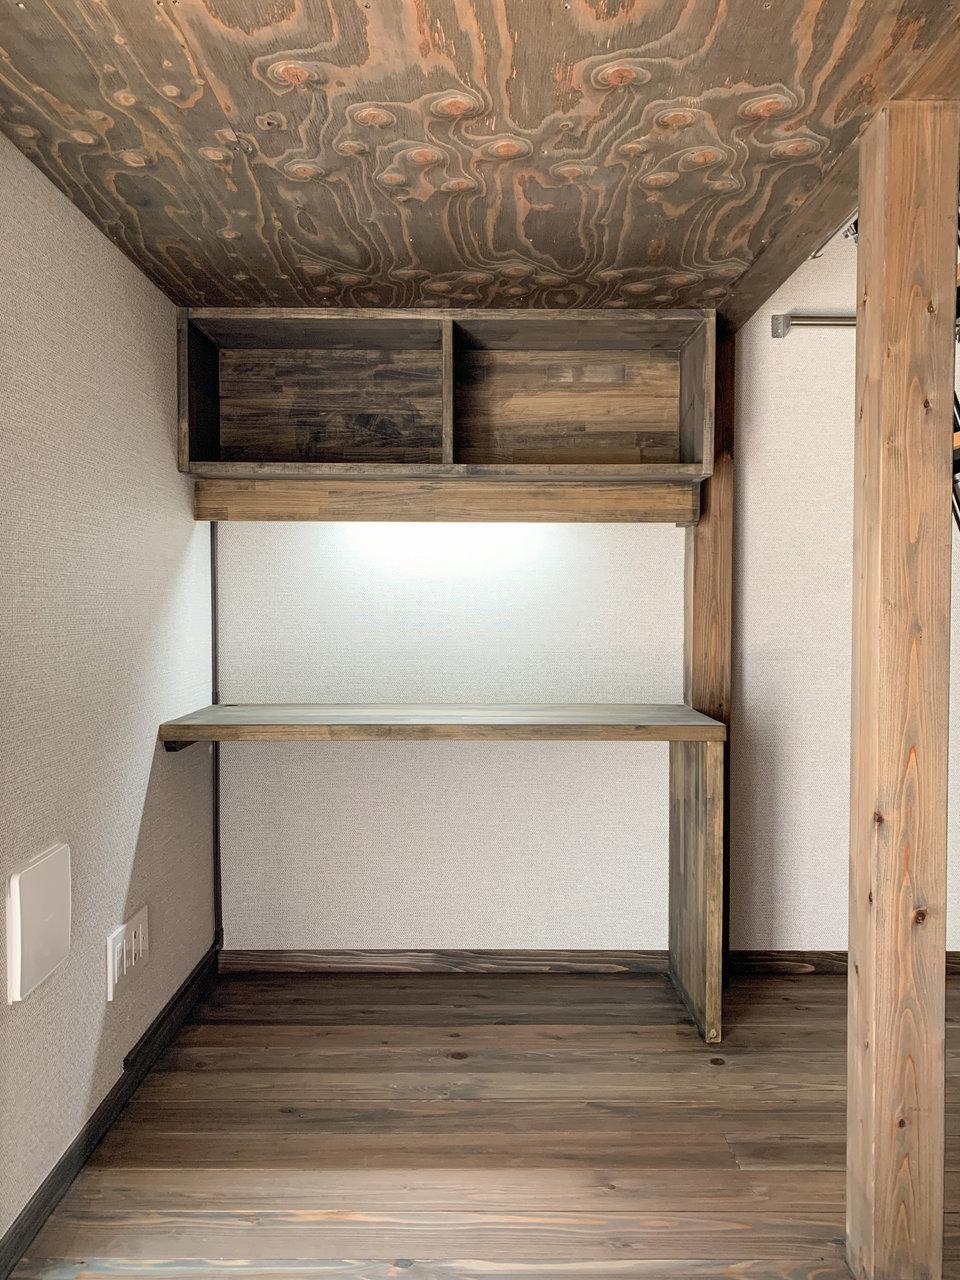 ロフトの下には、しっかり書斎に使えるデスクが備え付けられています。棚もついているので、本や書類などの整理にも便利です。